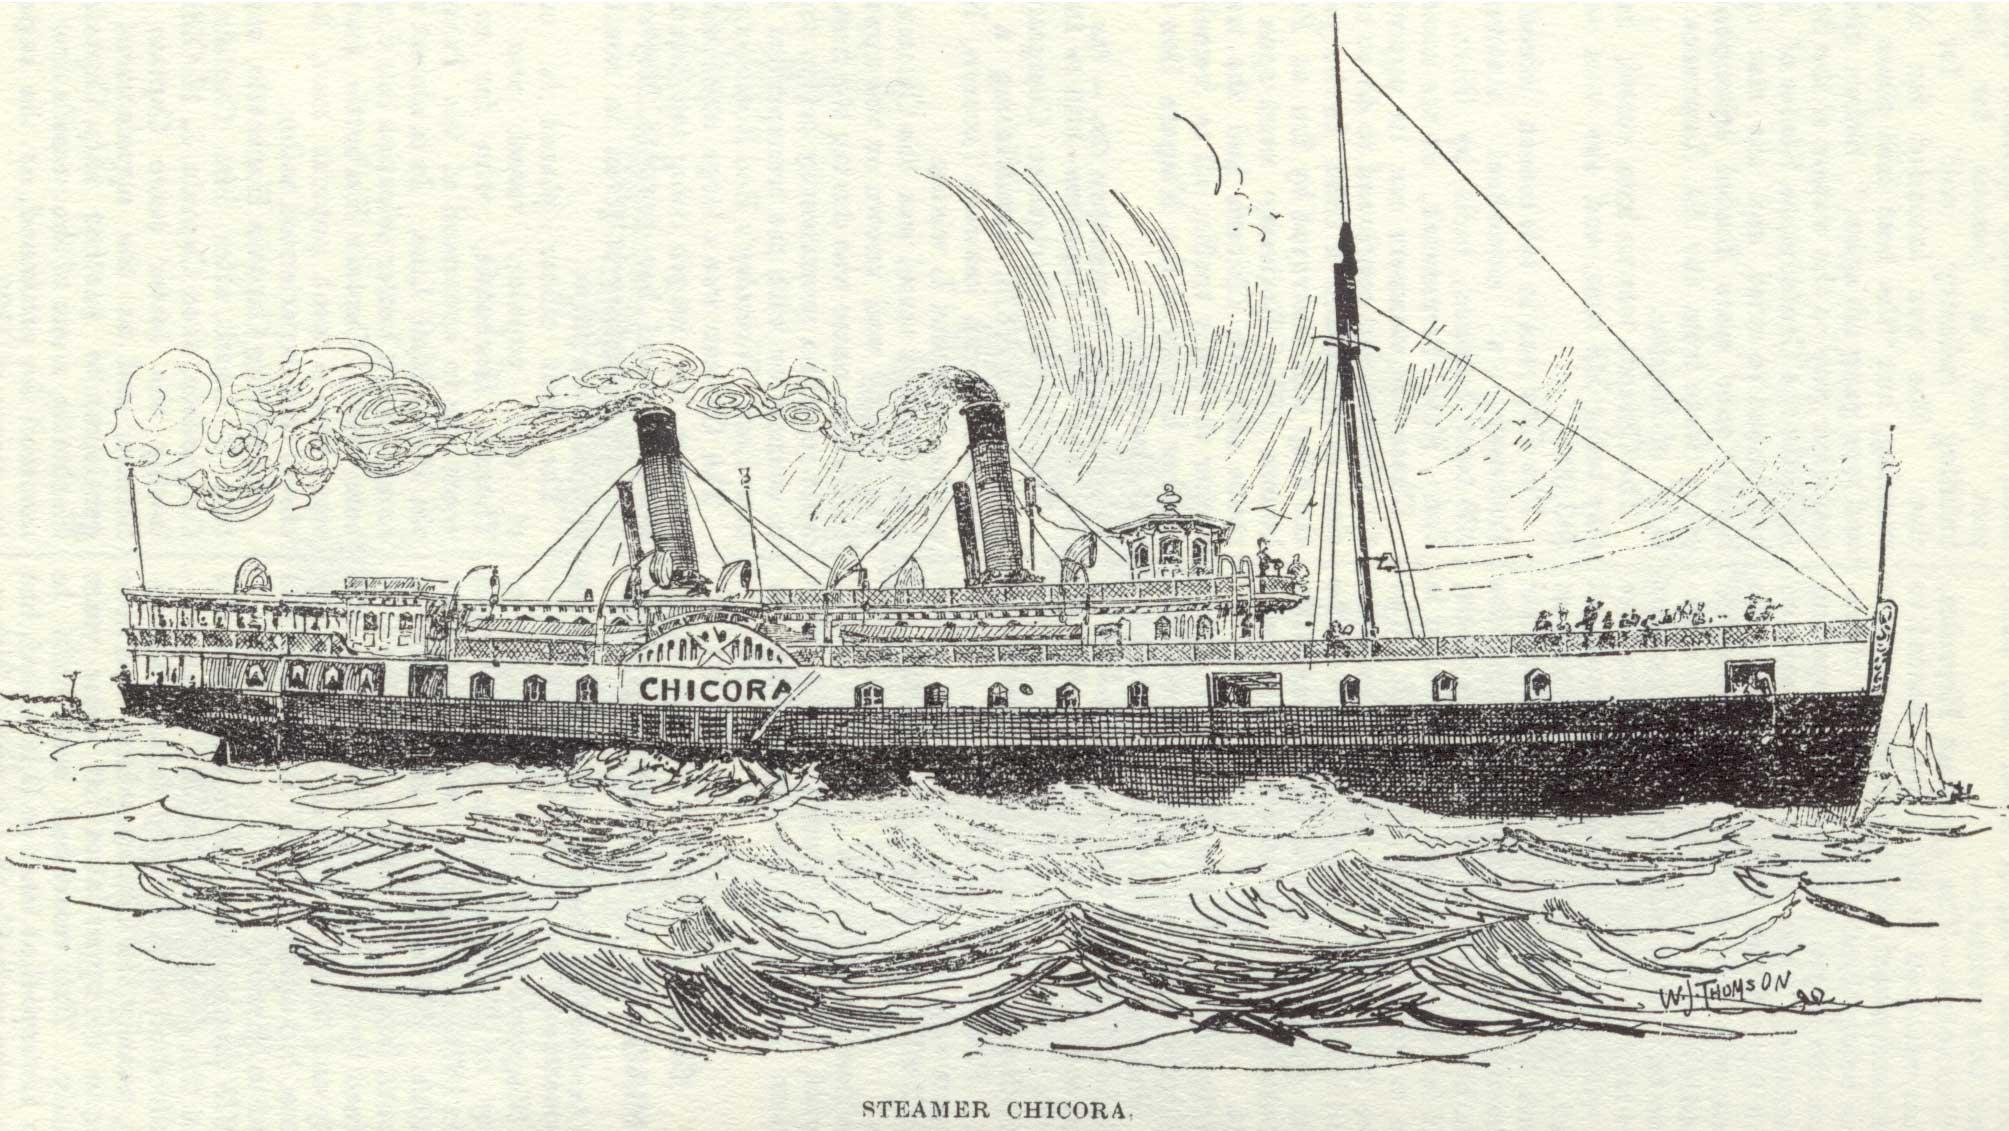 Steamer Chicora